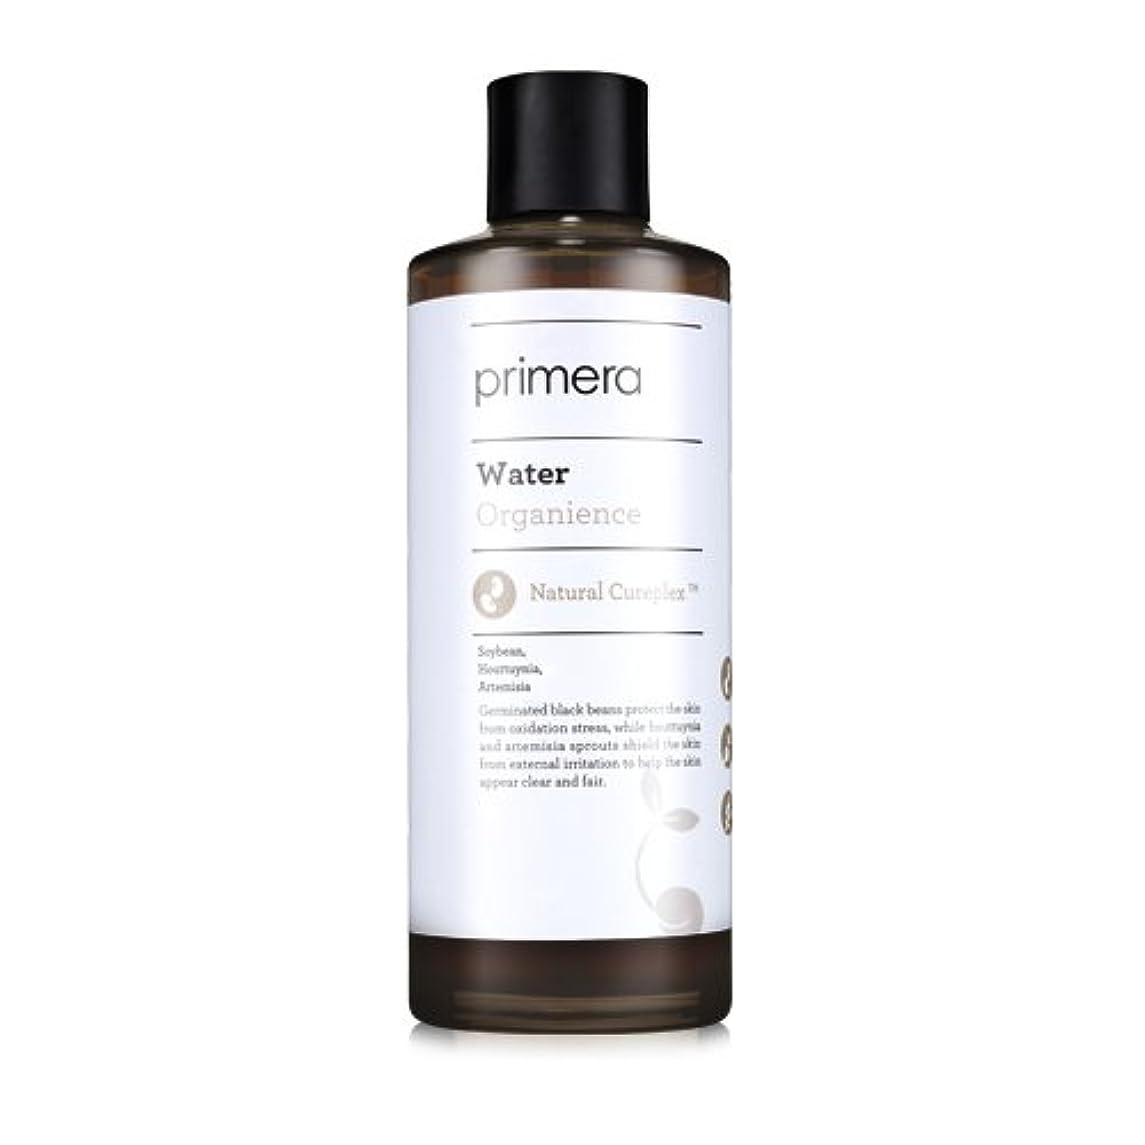 褒賞魔法減らすPRIMERA プリメラ オーガニエンス エマルジョン(Organience Emulsion)乳液 150ml